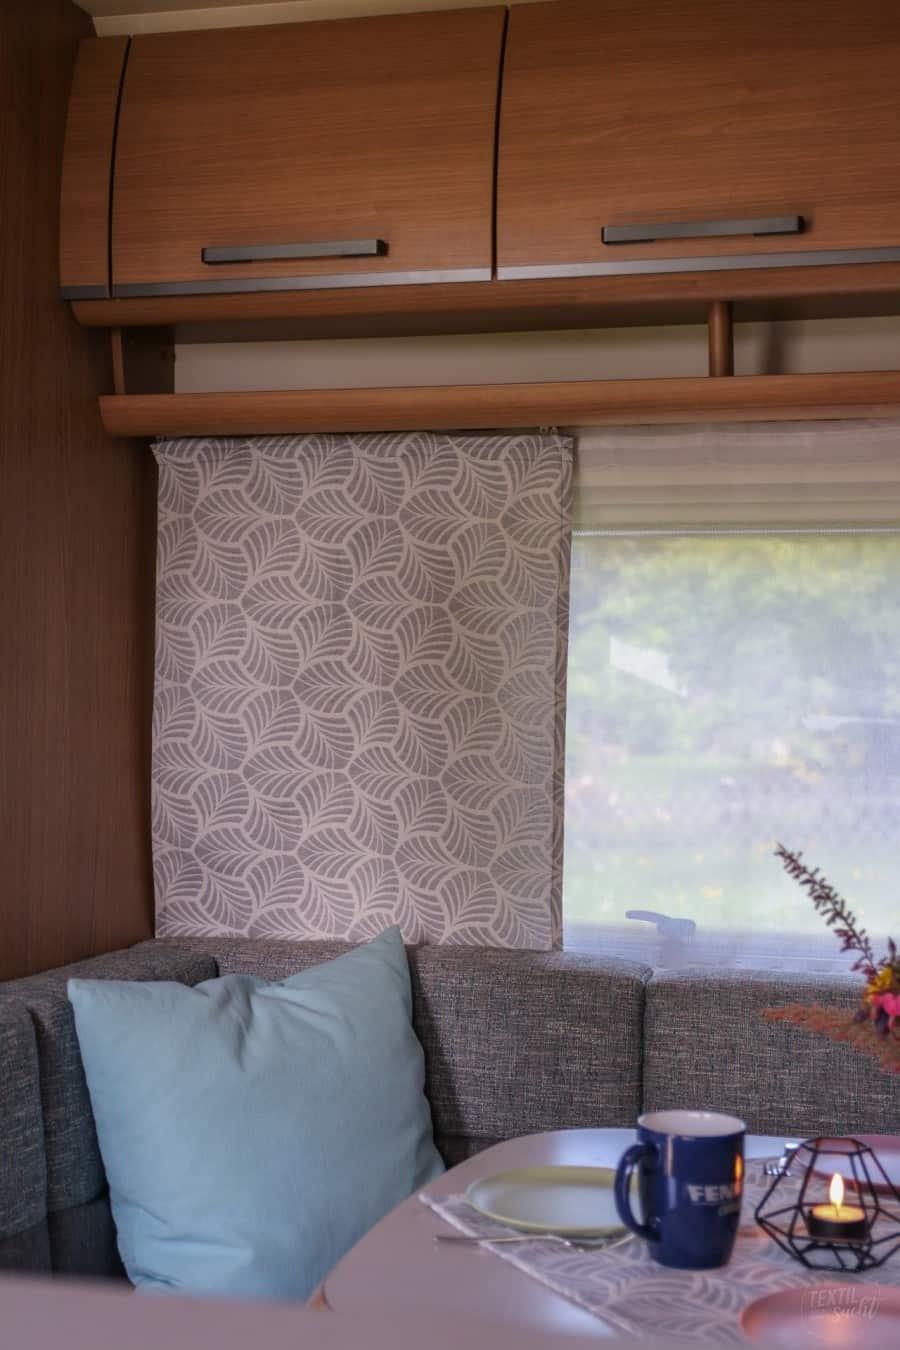 Nähen für den Wohnwagen: Gardinen nähen - Bild 4 - Textilsucht.de